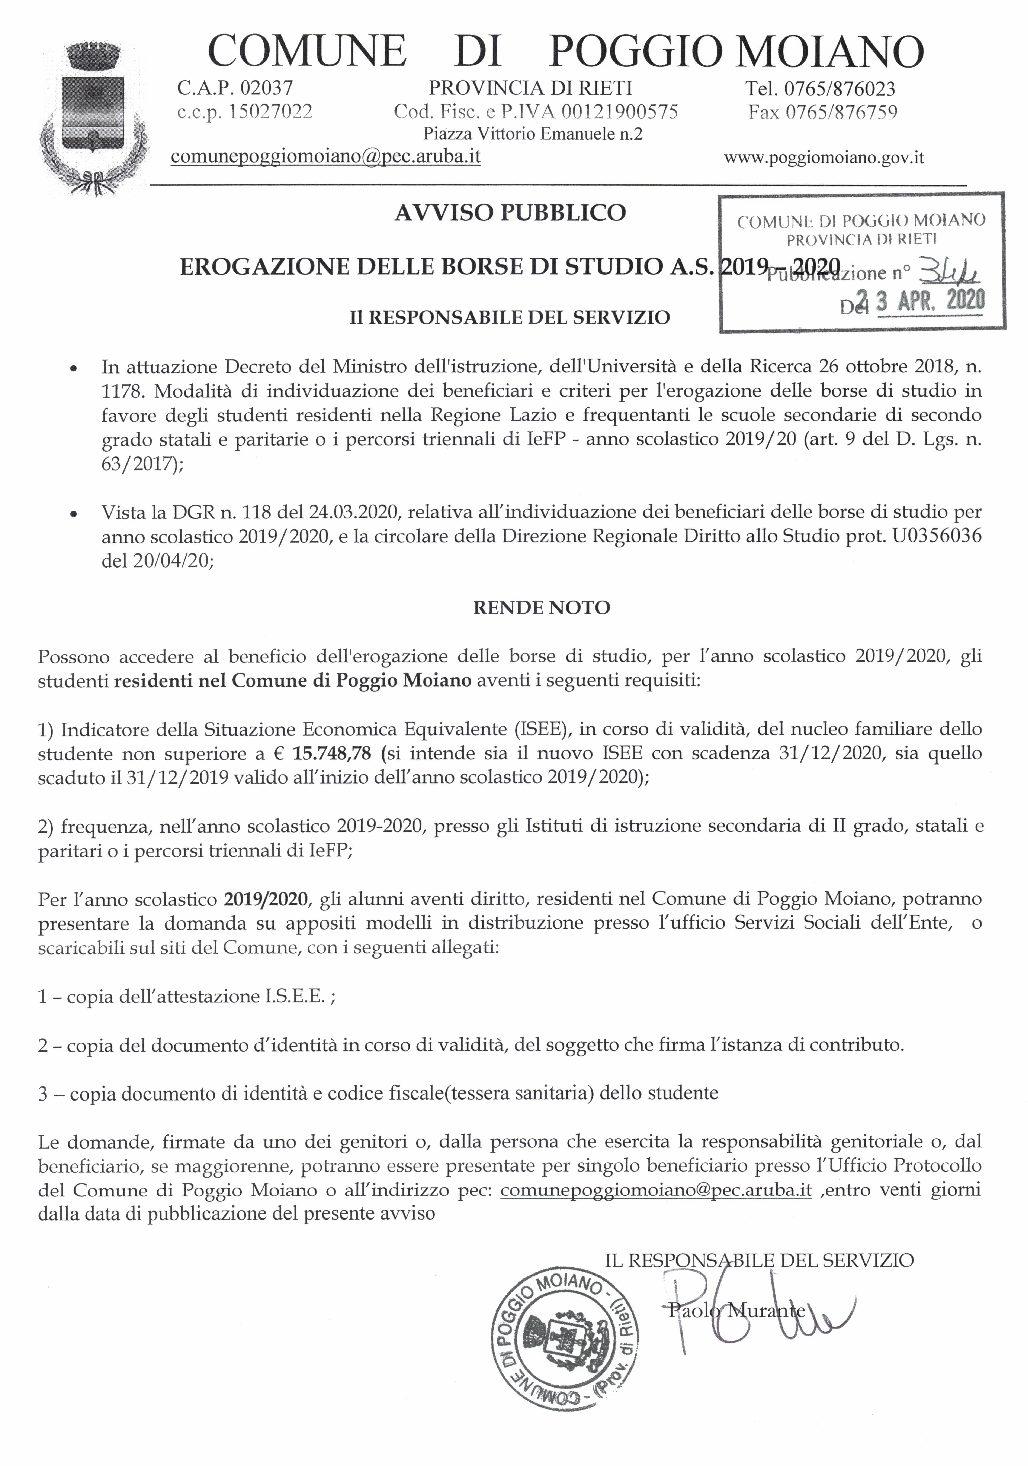 EROGAZIONE BORSE DI STUDIO LIBRI DI TESTO A.S. 2019/2020 SCADENZA 13.05.2020